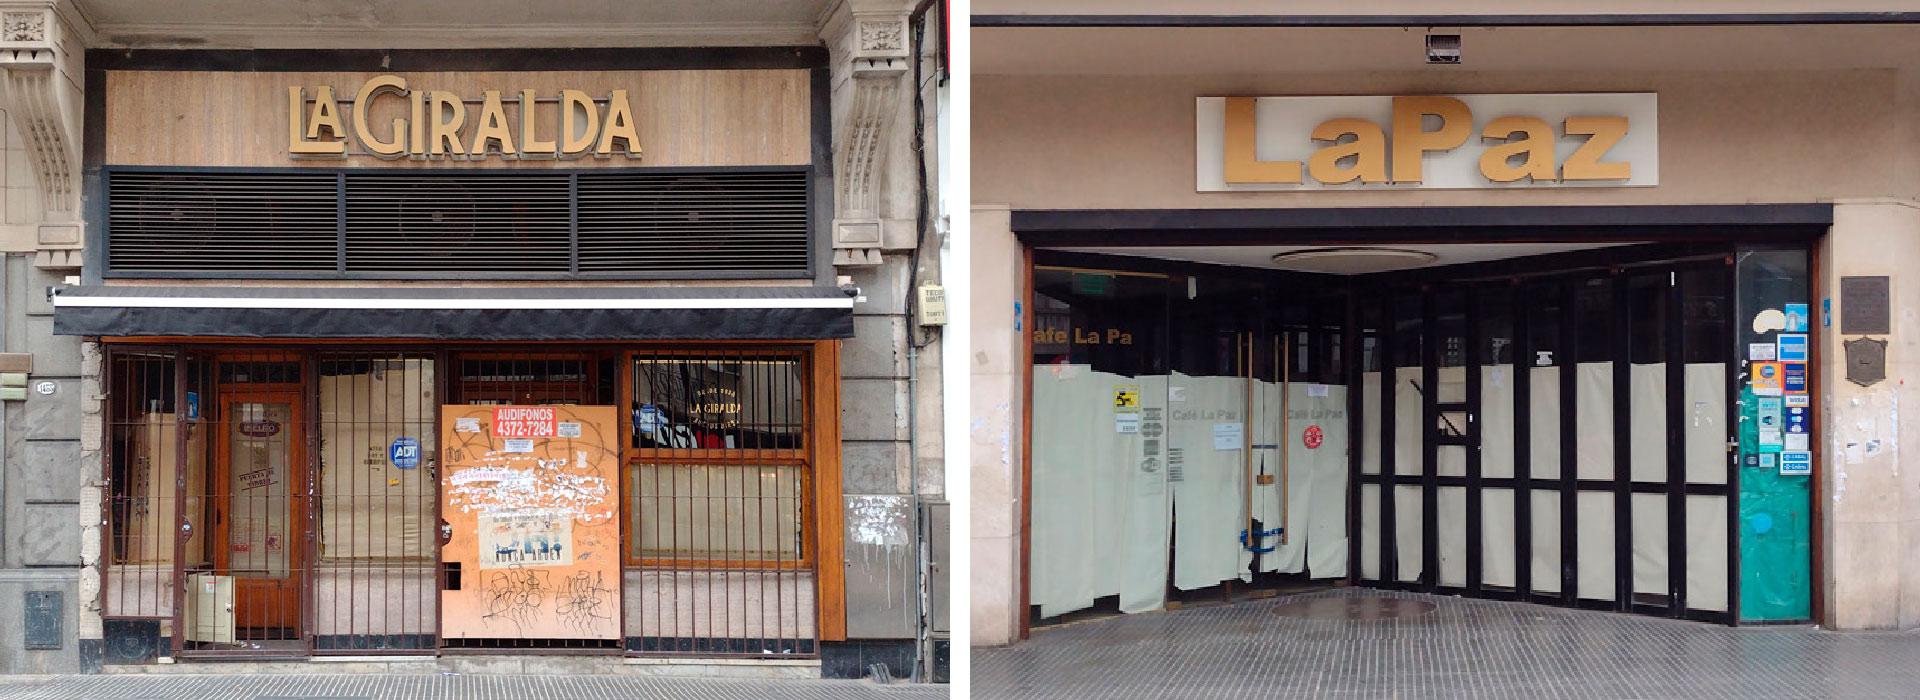 Buenos-Aires-es-un-bar-que-cerró_05